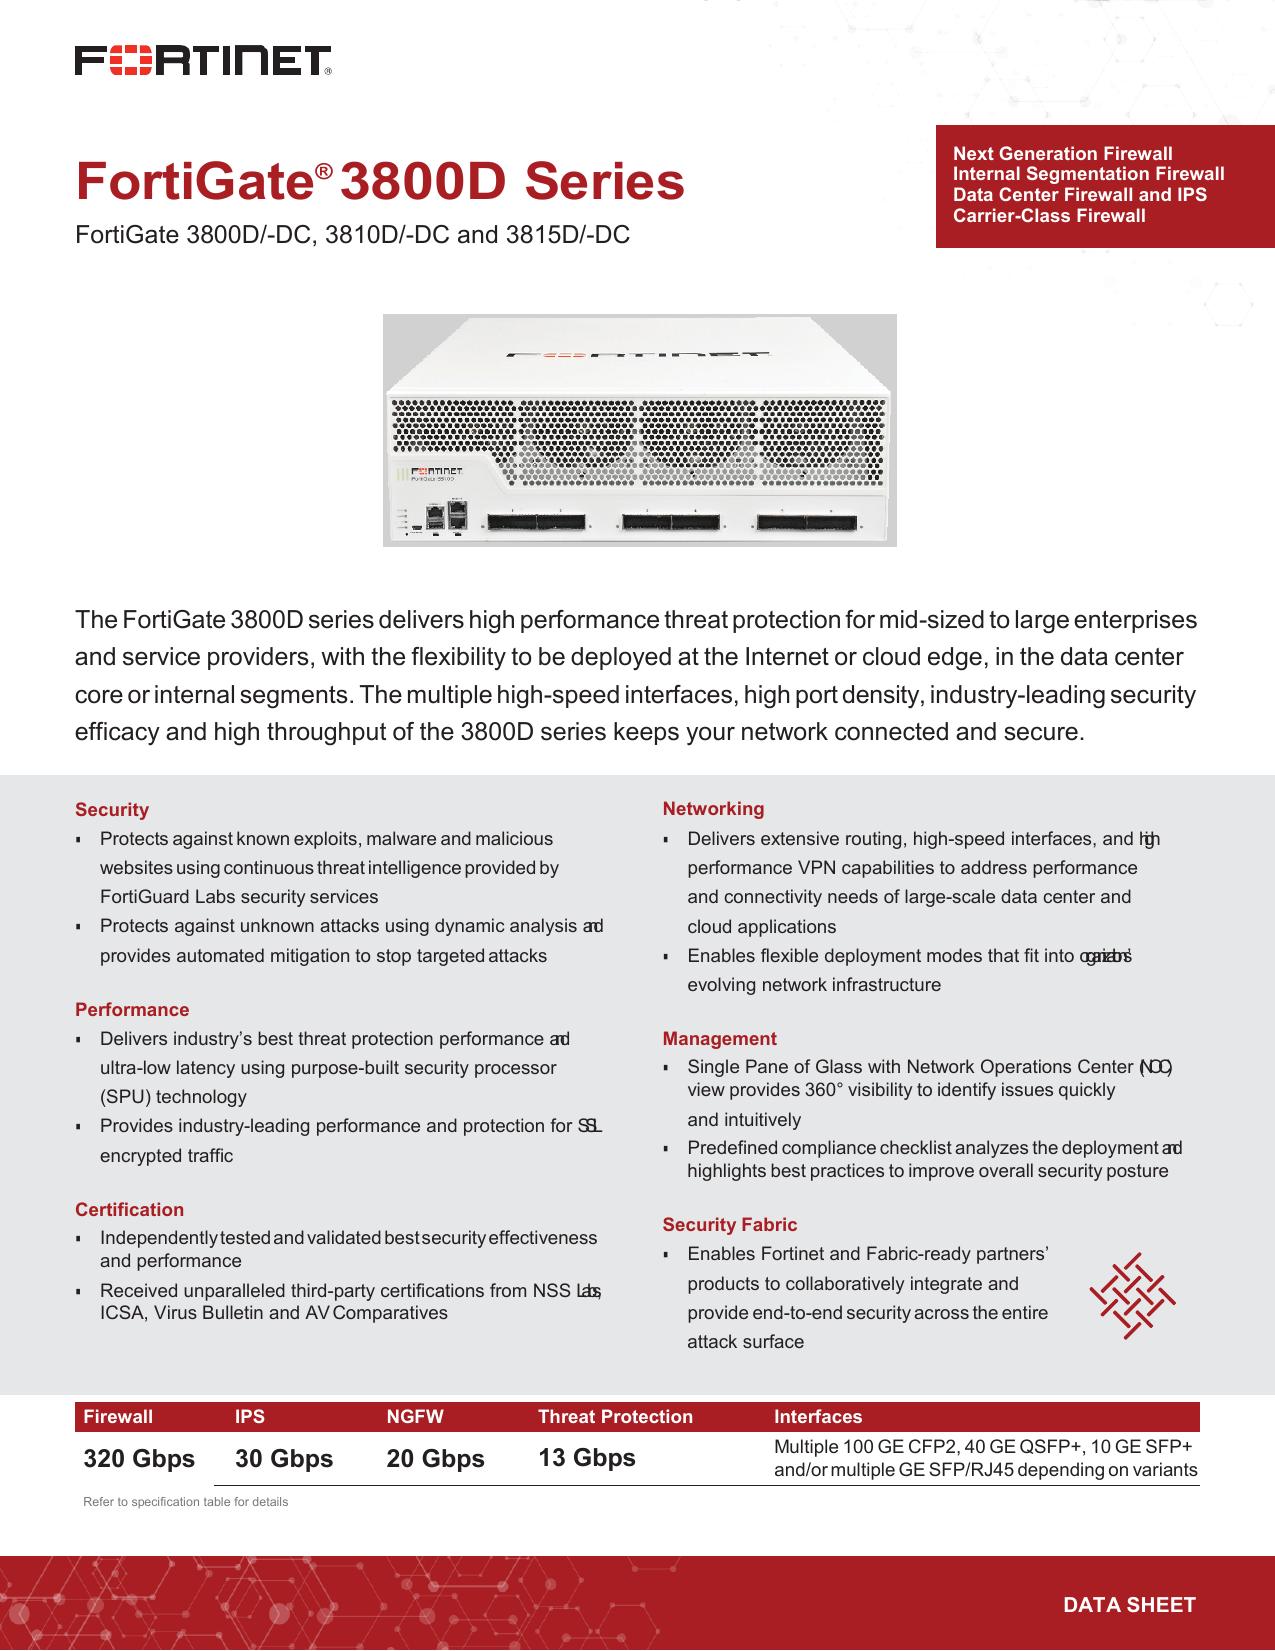 Fortigate 3800d Series Data Sheet Manualzz